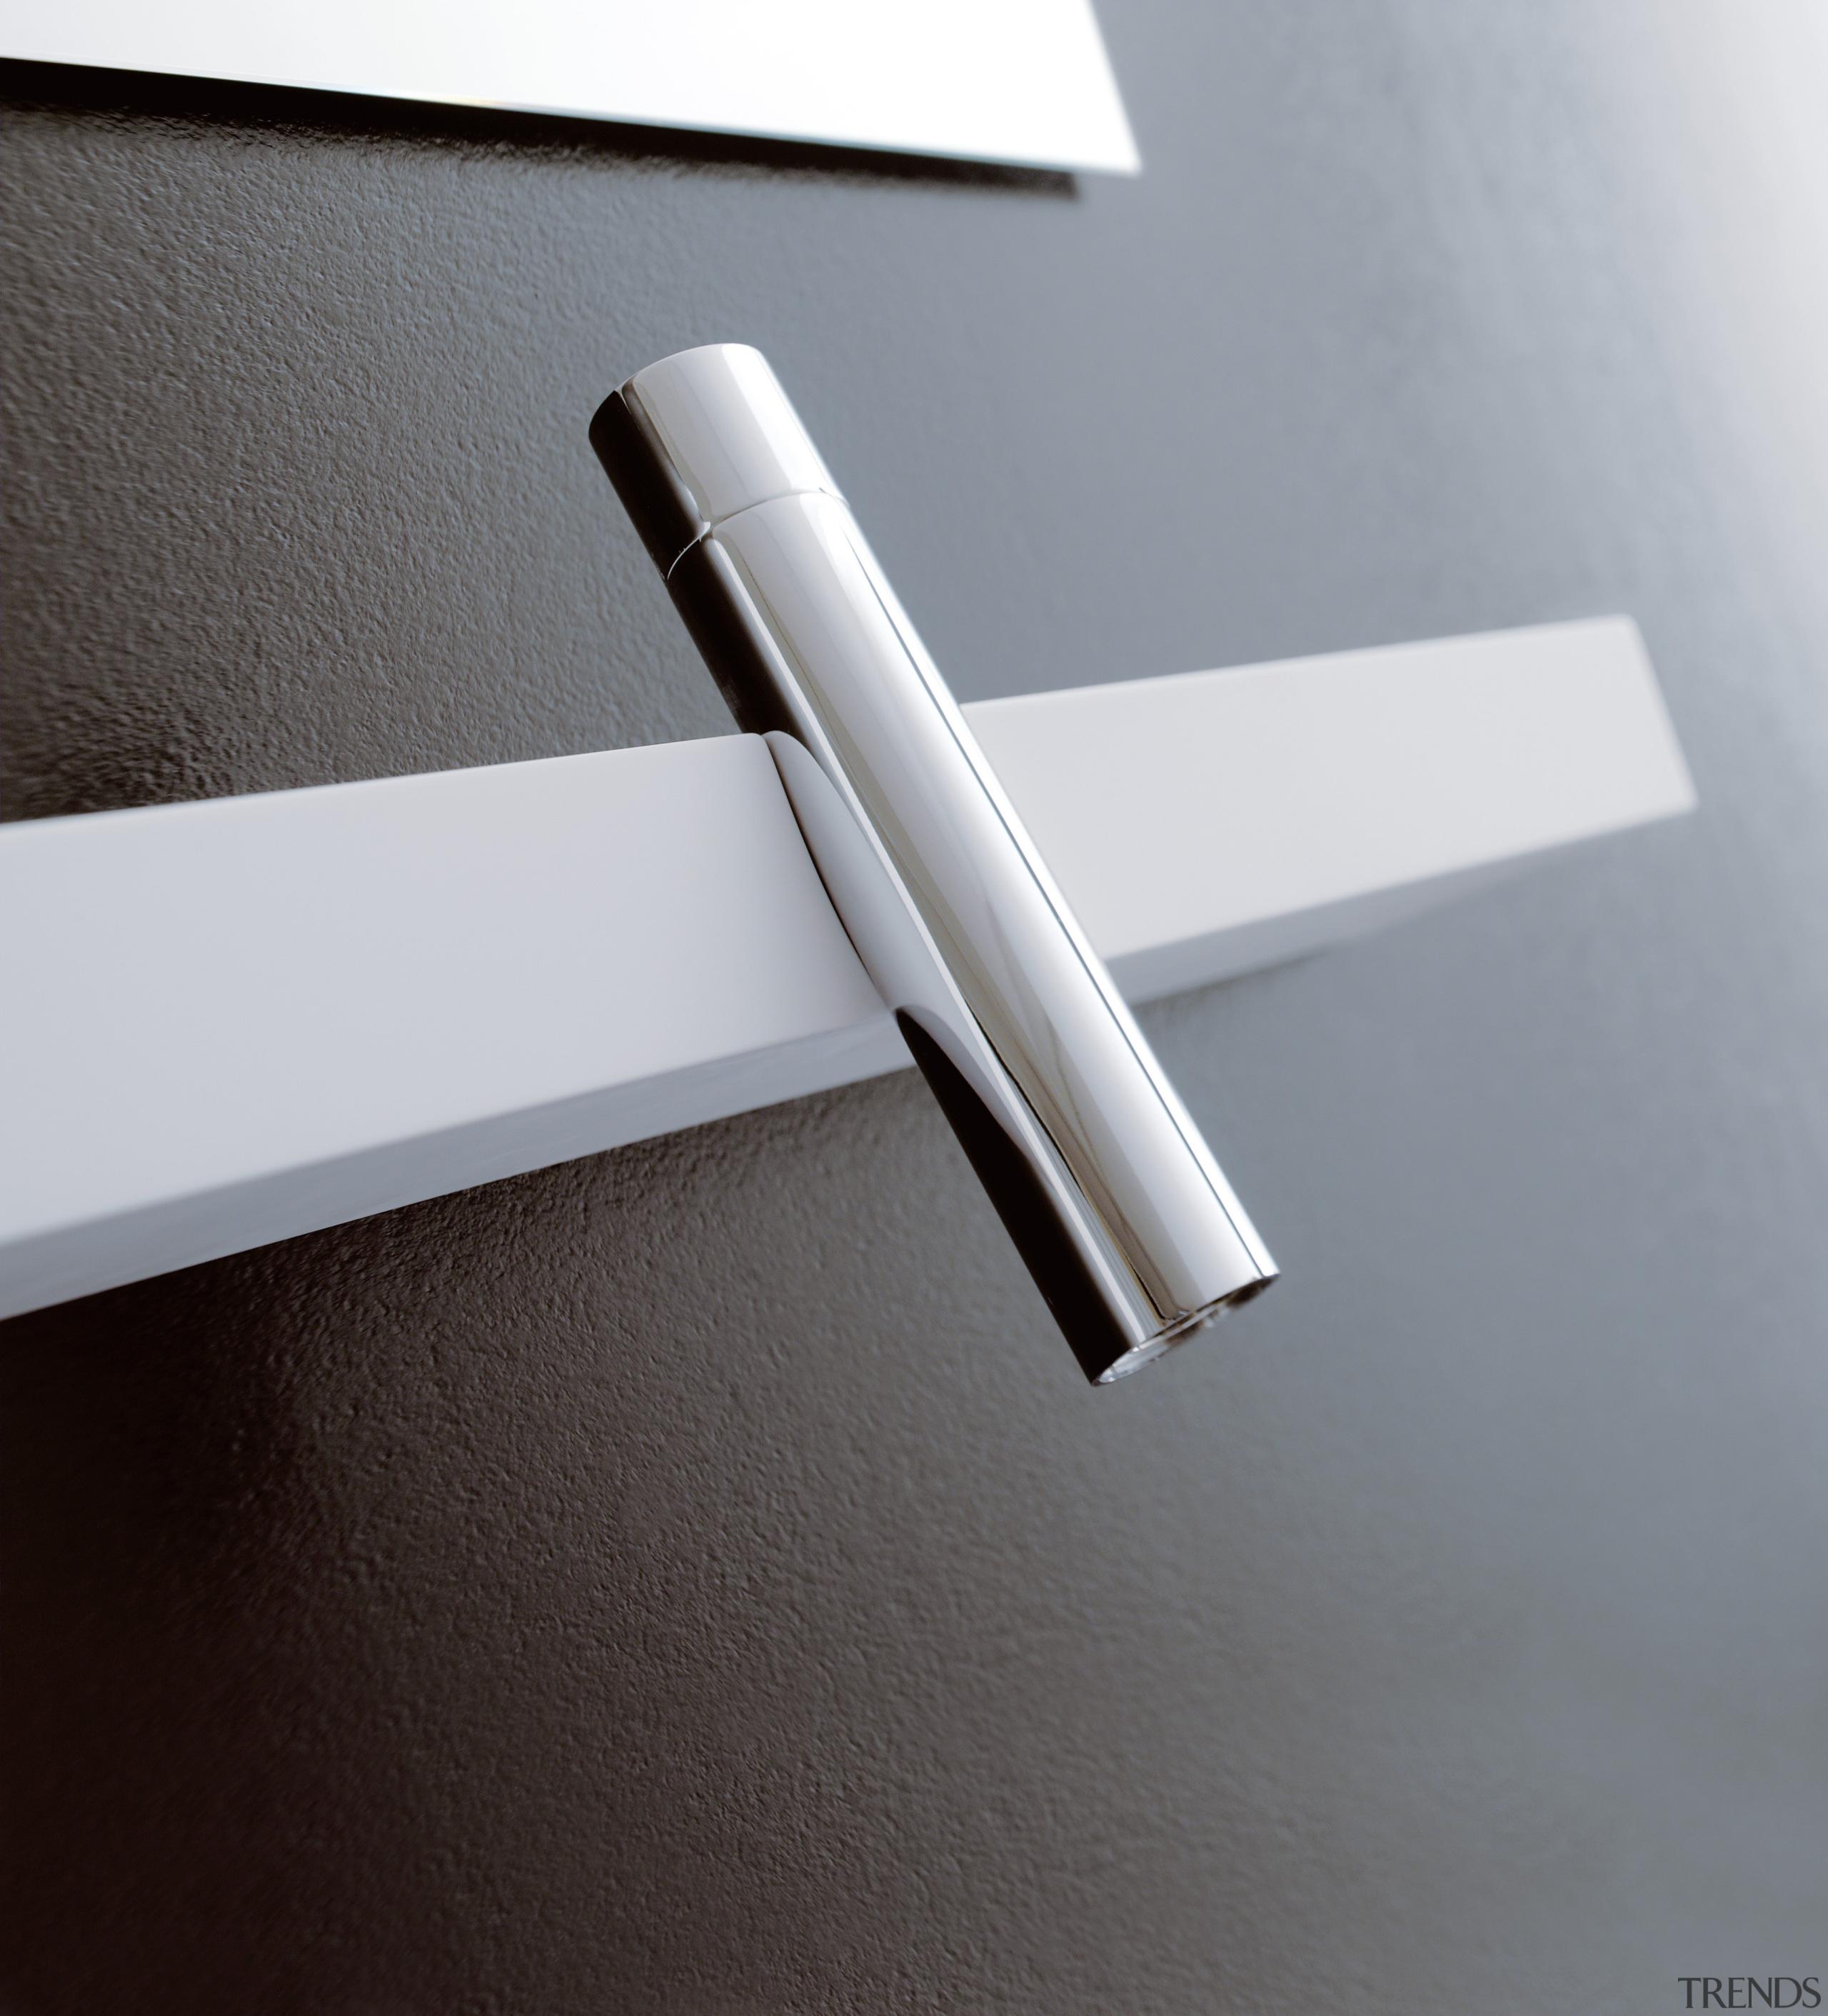 trenz 06 - angle   lighting   product angle, lighting, product design, tap, gray